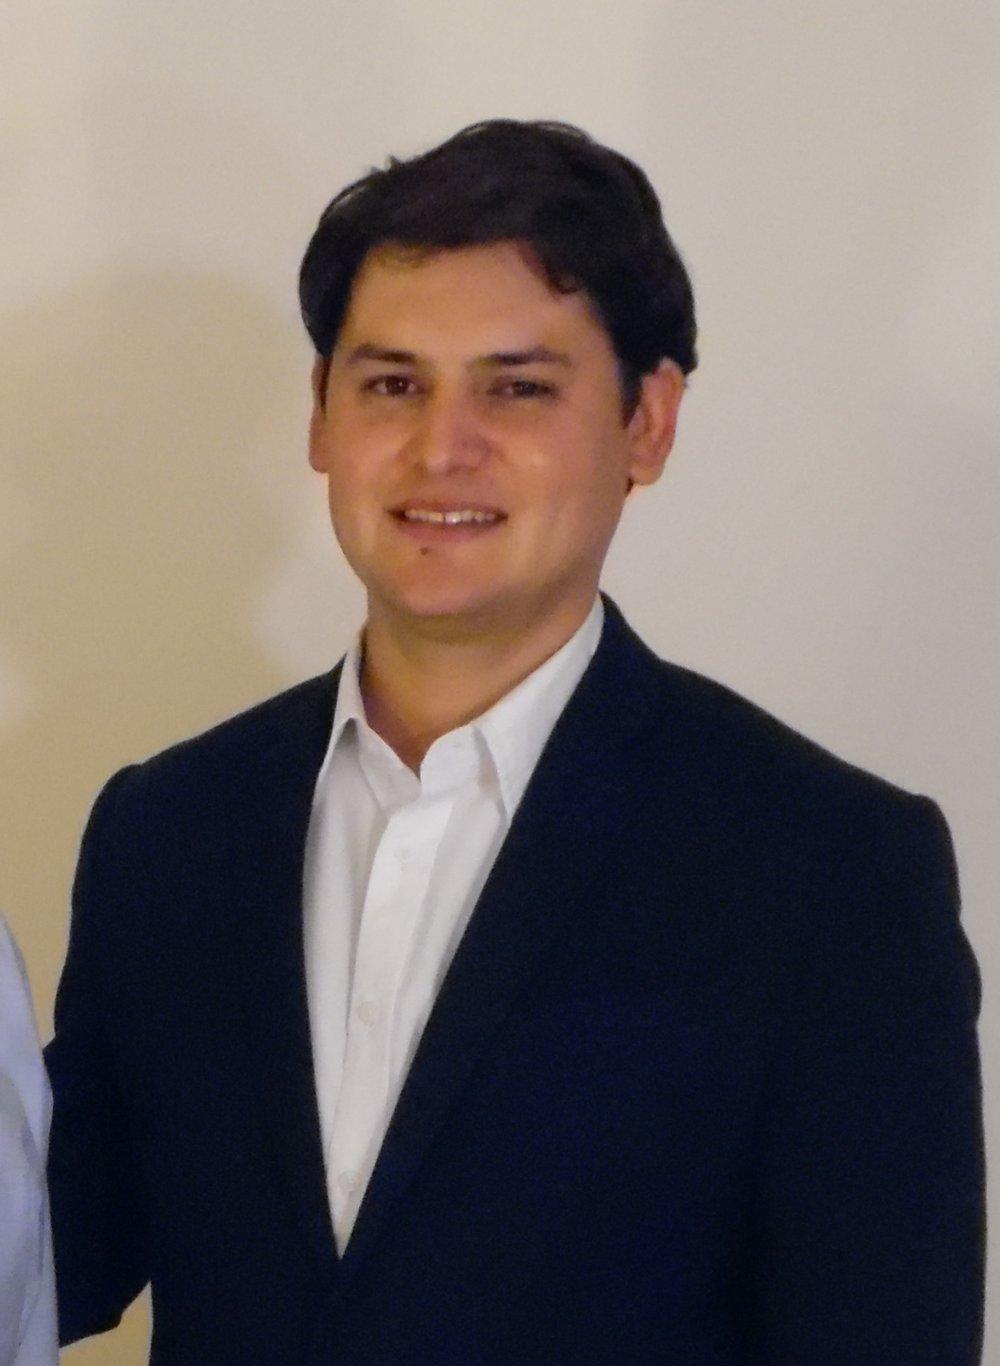 Joel Melvin